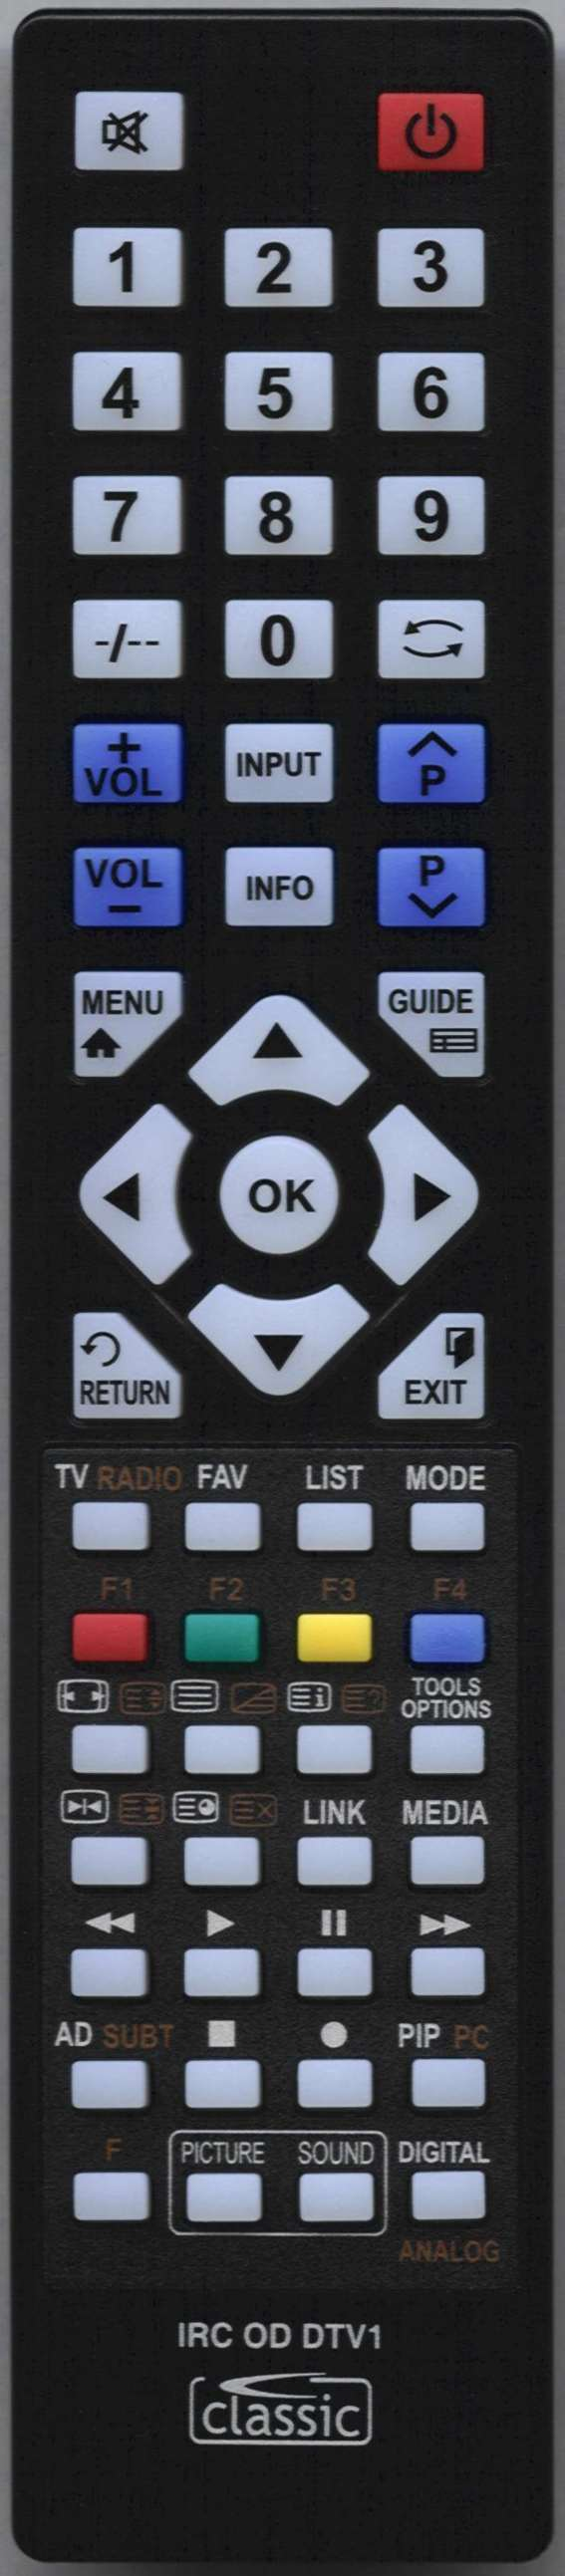 VIDEOCON H2-EU-DVD Remote Control